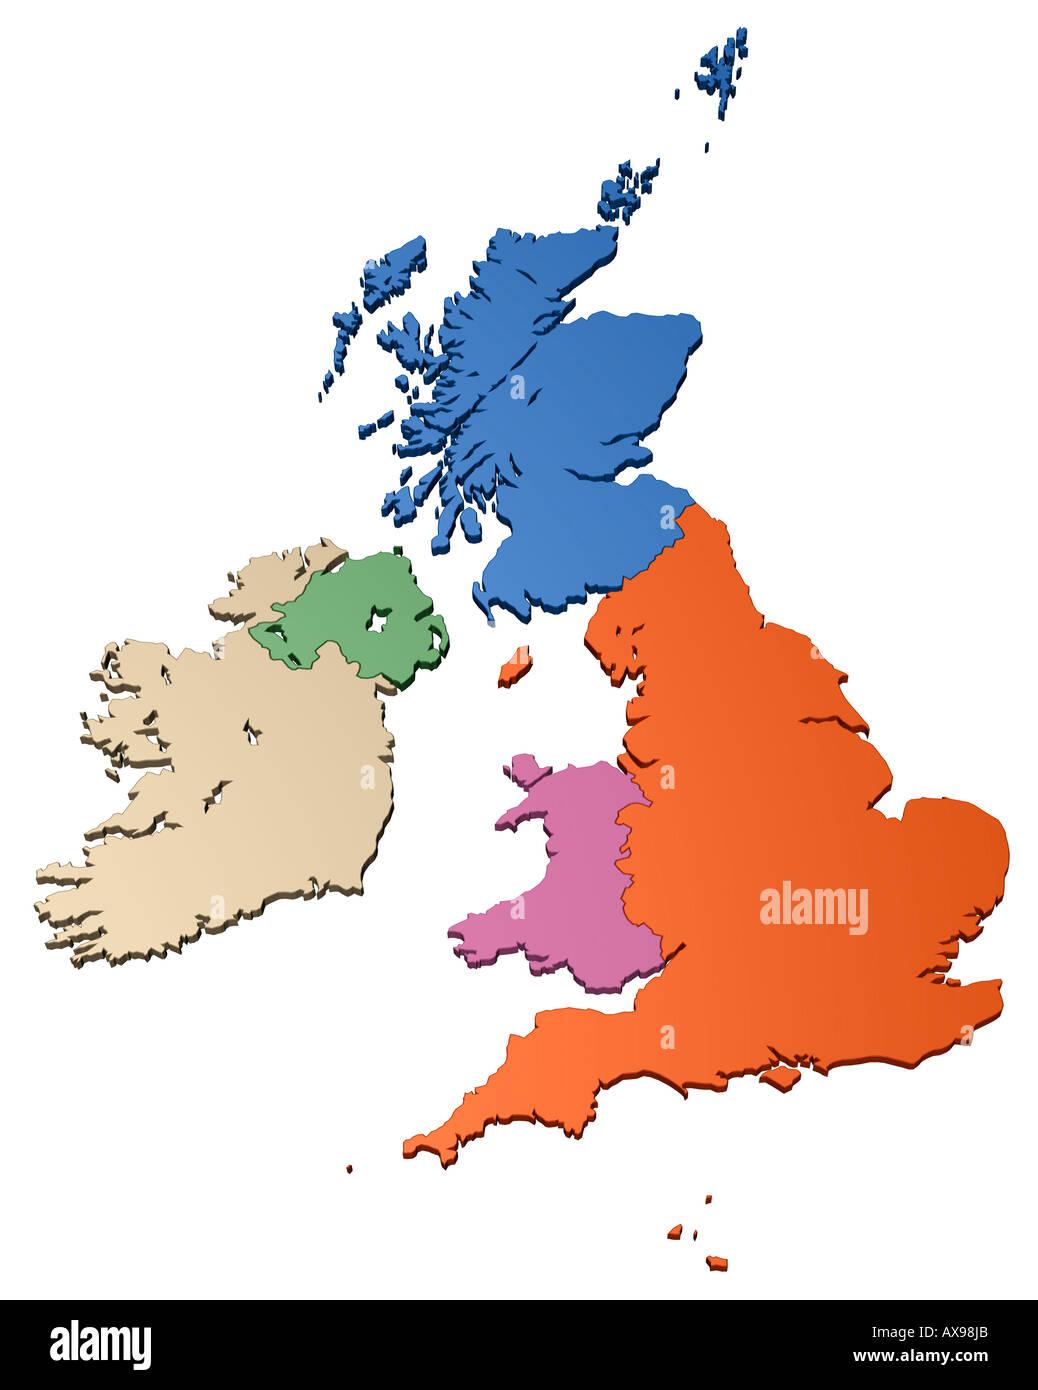 Großbritannien Karte Umriss.Großbritannien Karte Stockfotos Großbritannien Karte Bilder Alamy